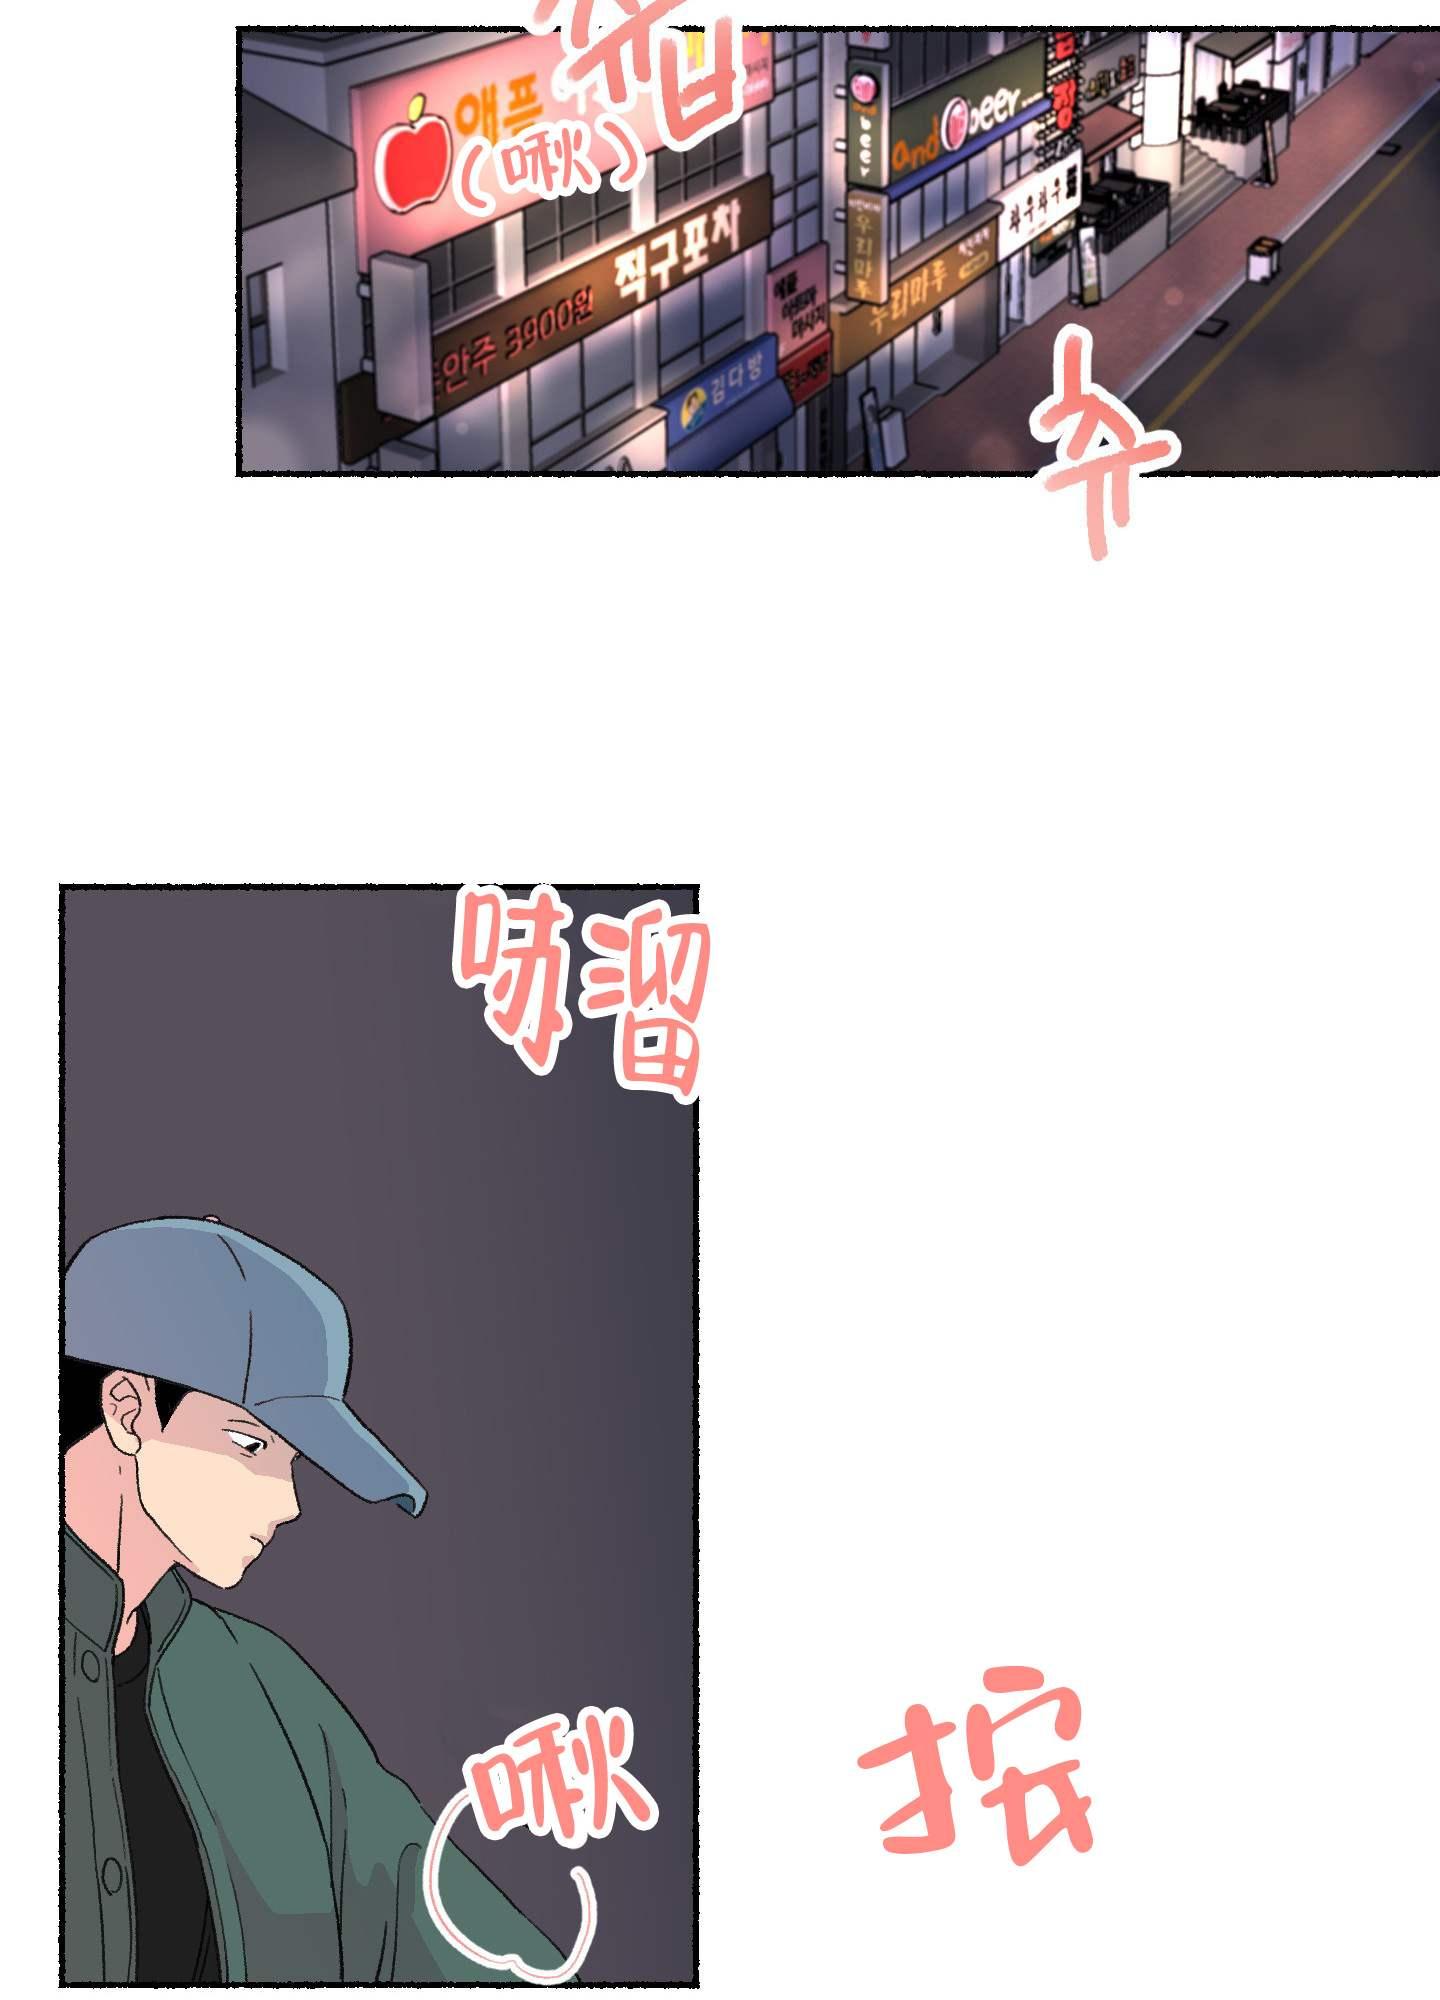 韩漫 |《狡猾的鲁鲁》  恶魔与人类,一饿就开do!  第13张